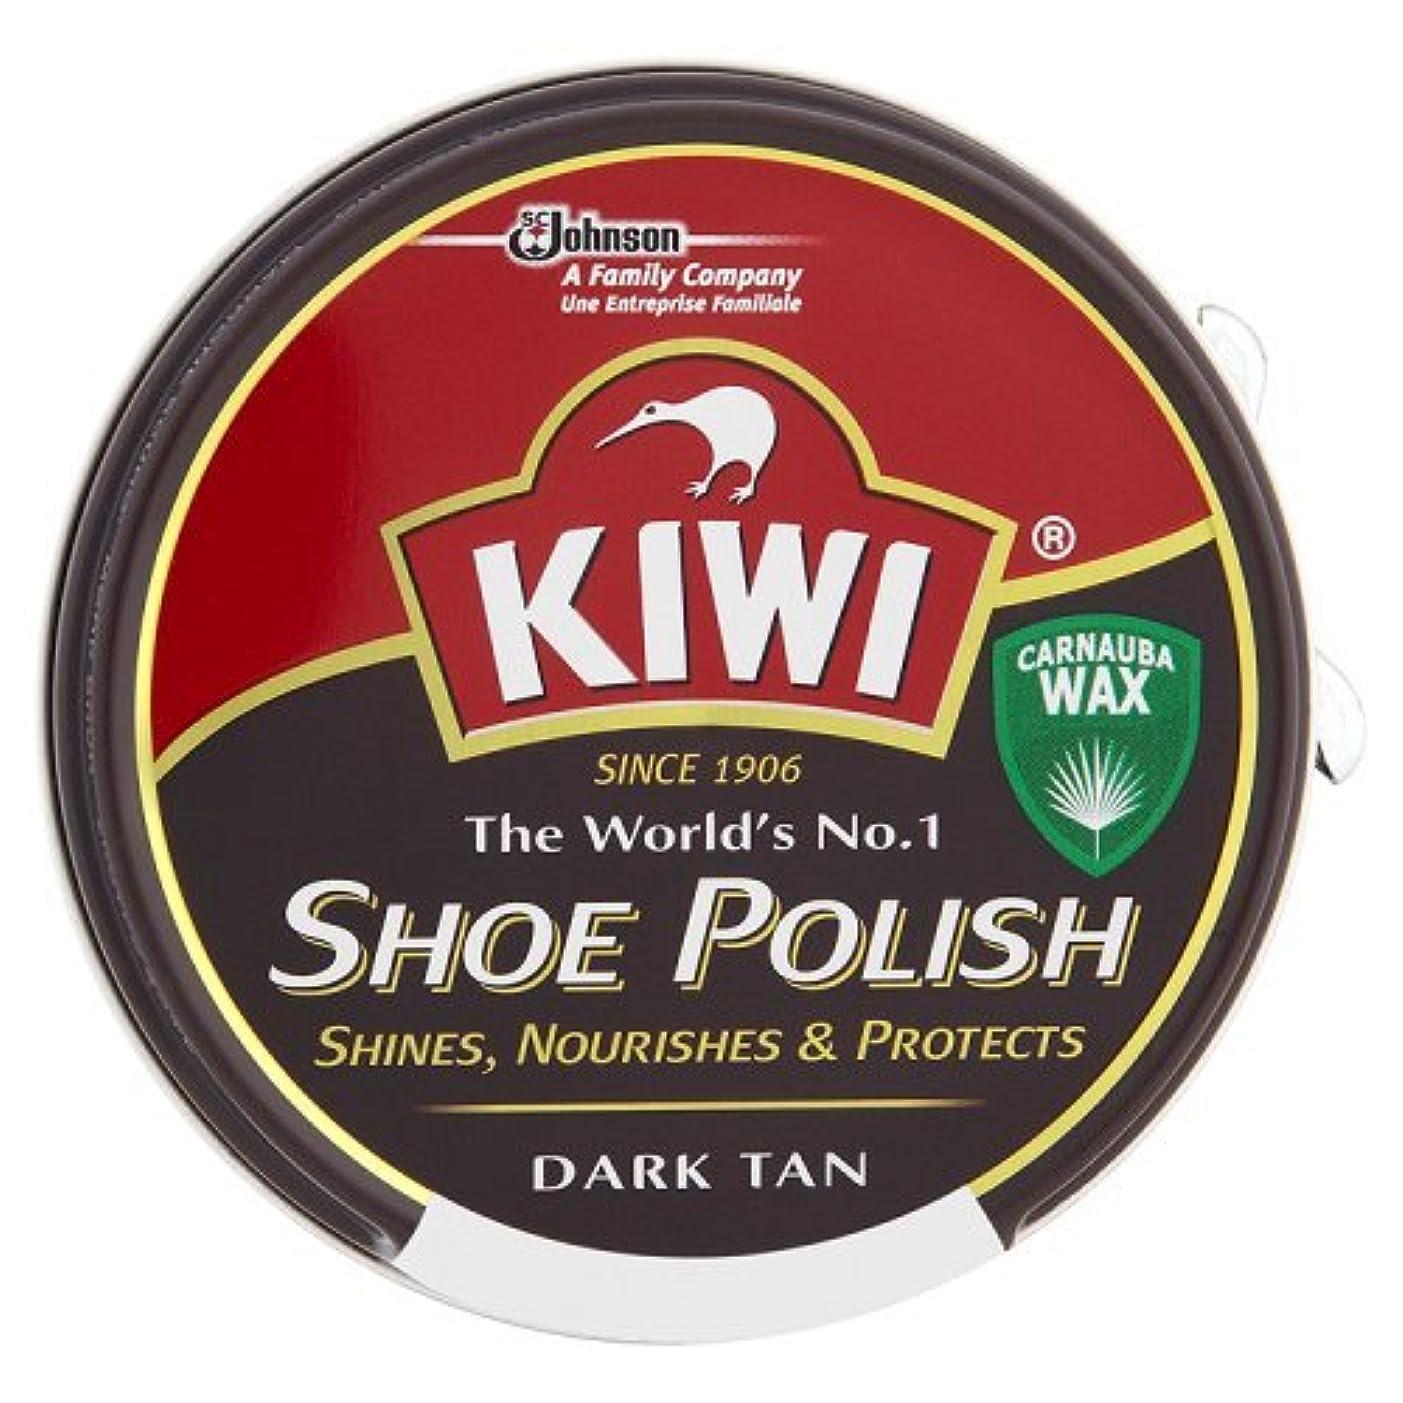 時期尚早受信機嬉しいですキィウイ 靴クリーム 中缶 濃茶色(ダークタン) 50ml